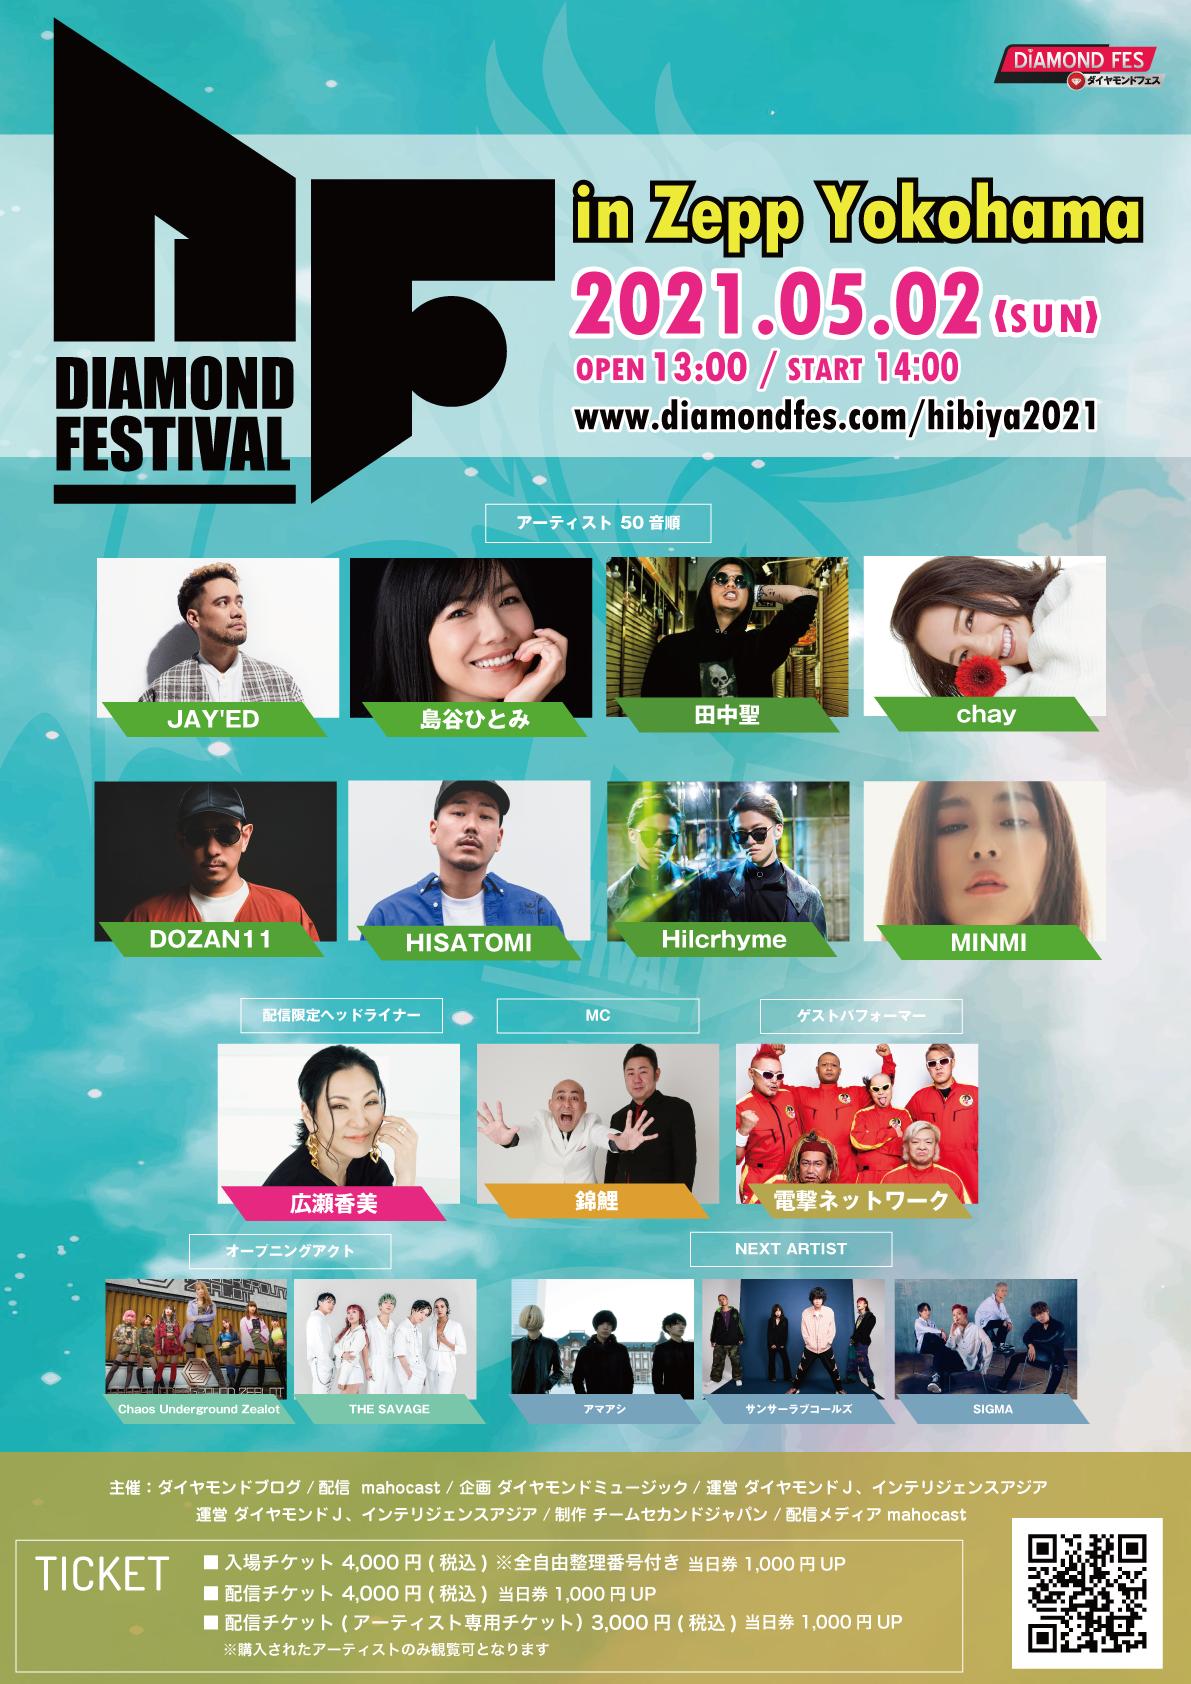 ダイヤモンドフェス2021 HIBIYA